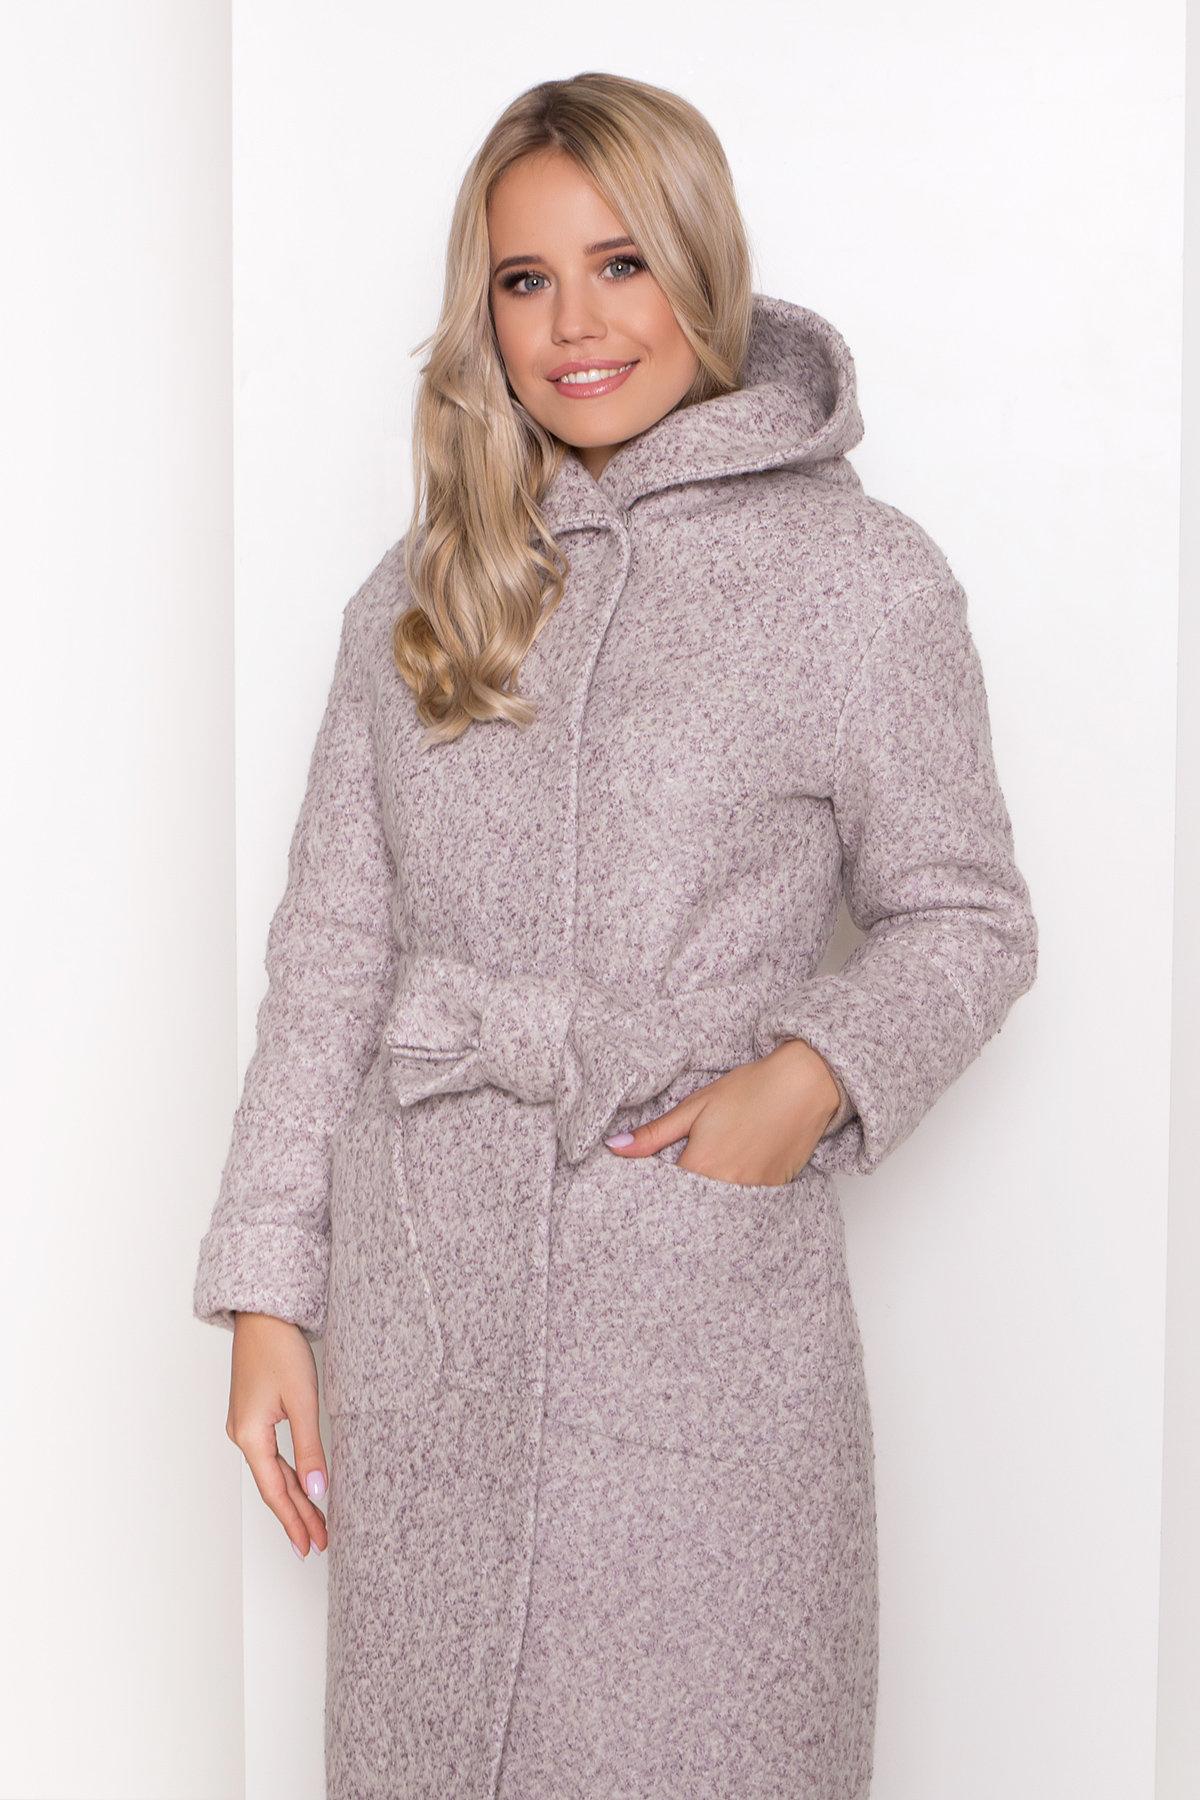 Пальто зима шерсть букле Анита 8320 АРТ. 44439 Цвет: Серый/бежевый 24 - фото 13, интернет магазин tm-modus.ru